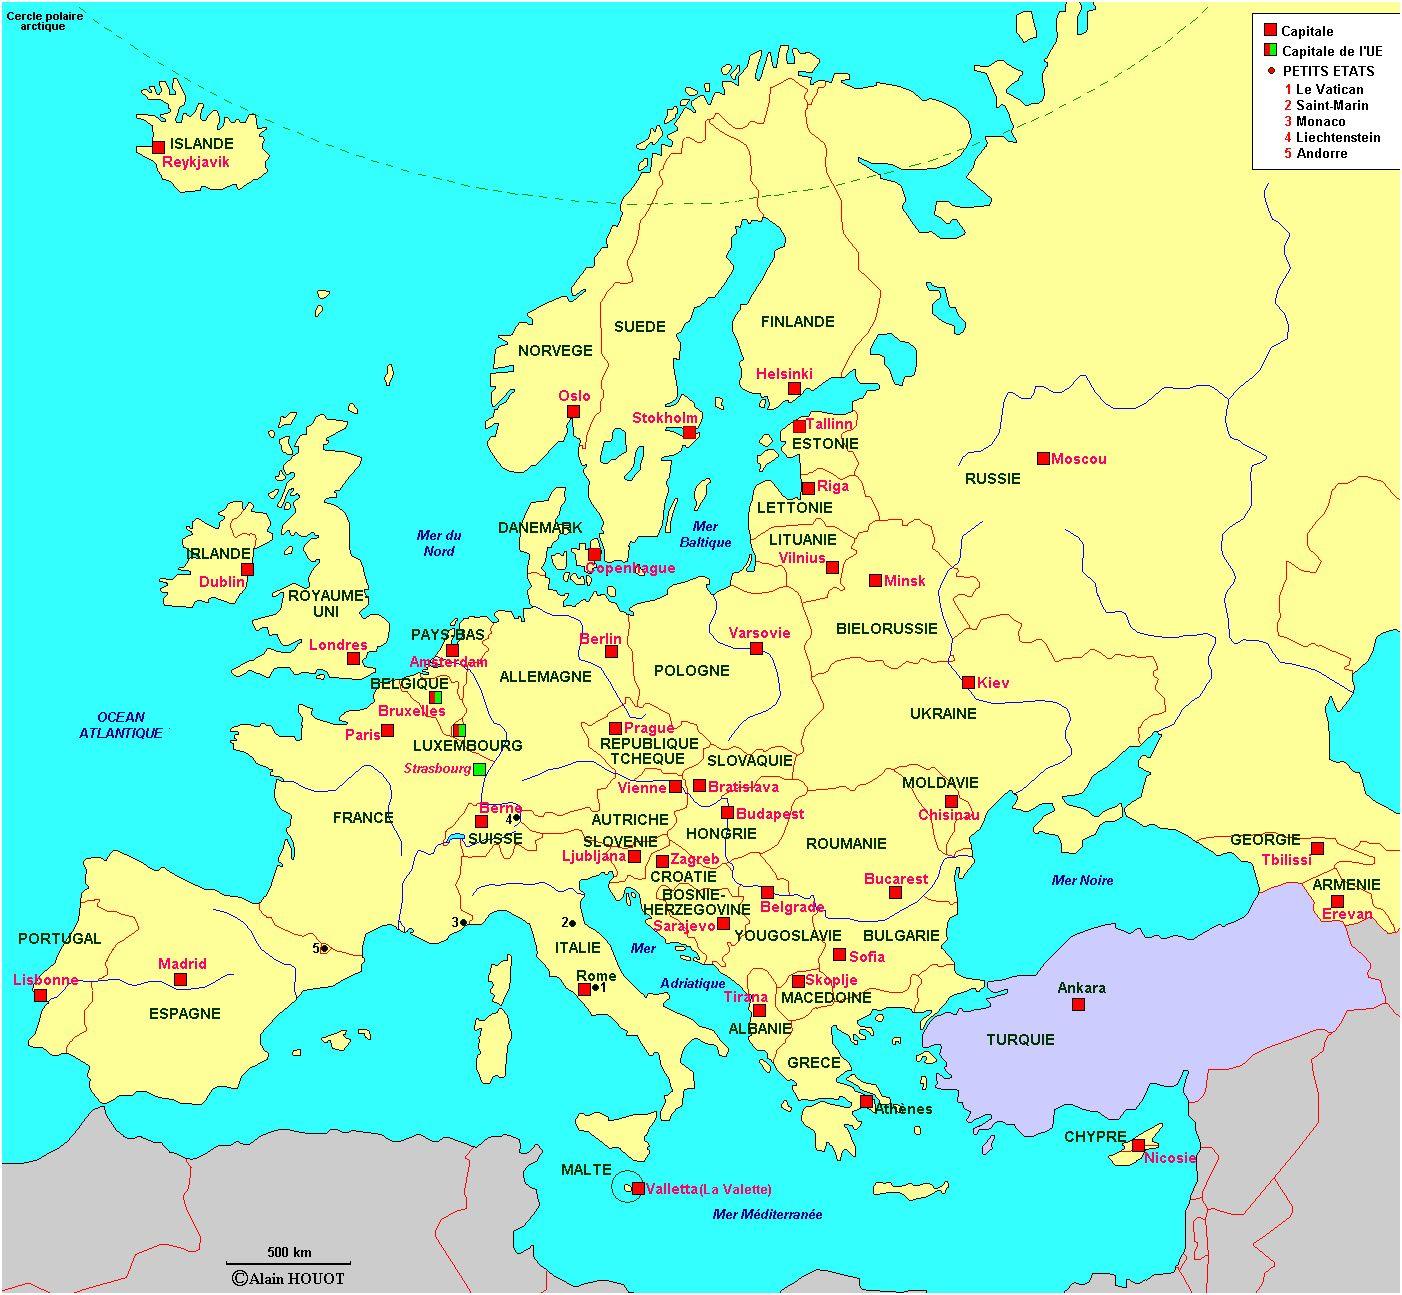 carte du monde avec les capitales 10 Excellent Carte Des Etats Unis Avec Les Capitales Images | Pays